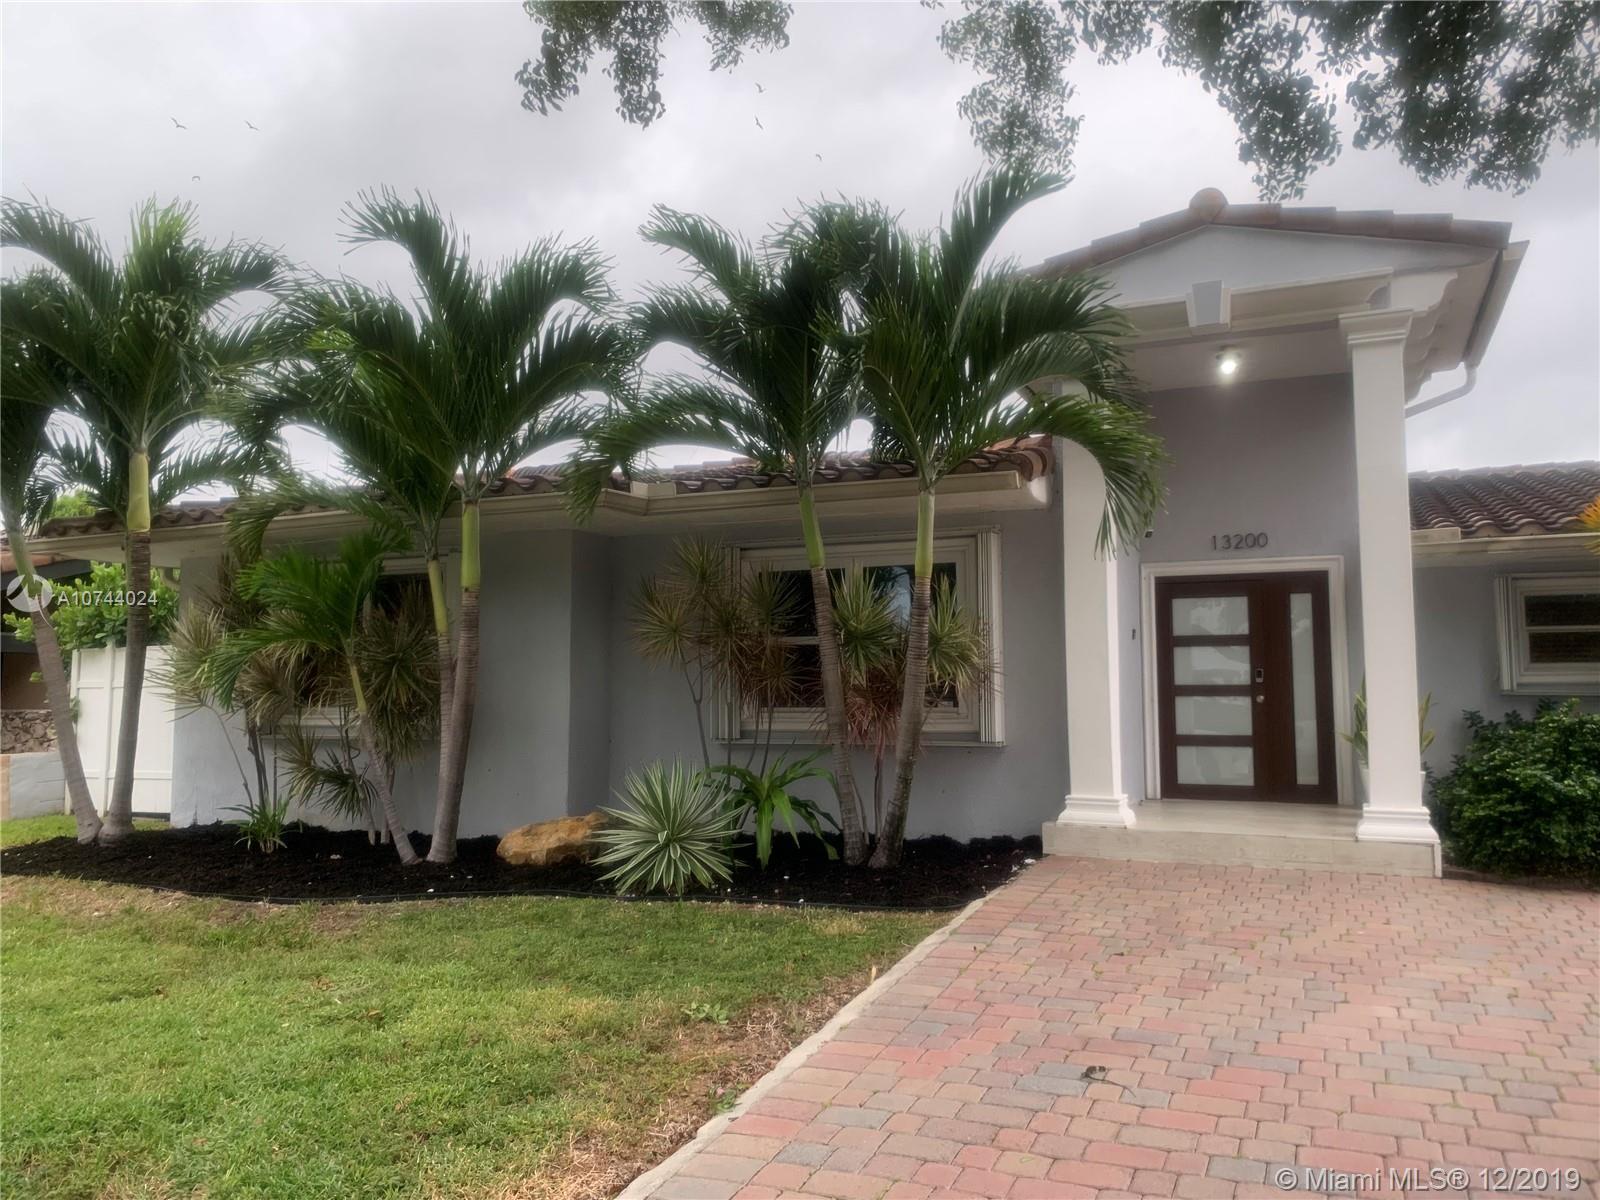 13200 N Bayshore Dr, North Miami, FL 33181